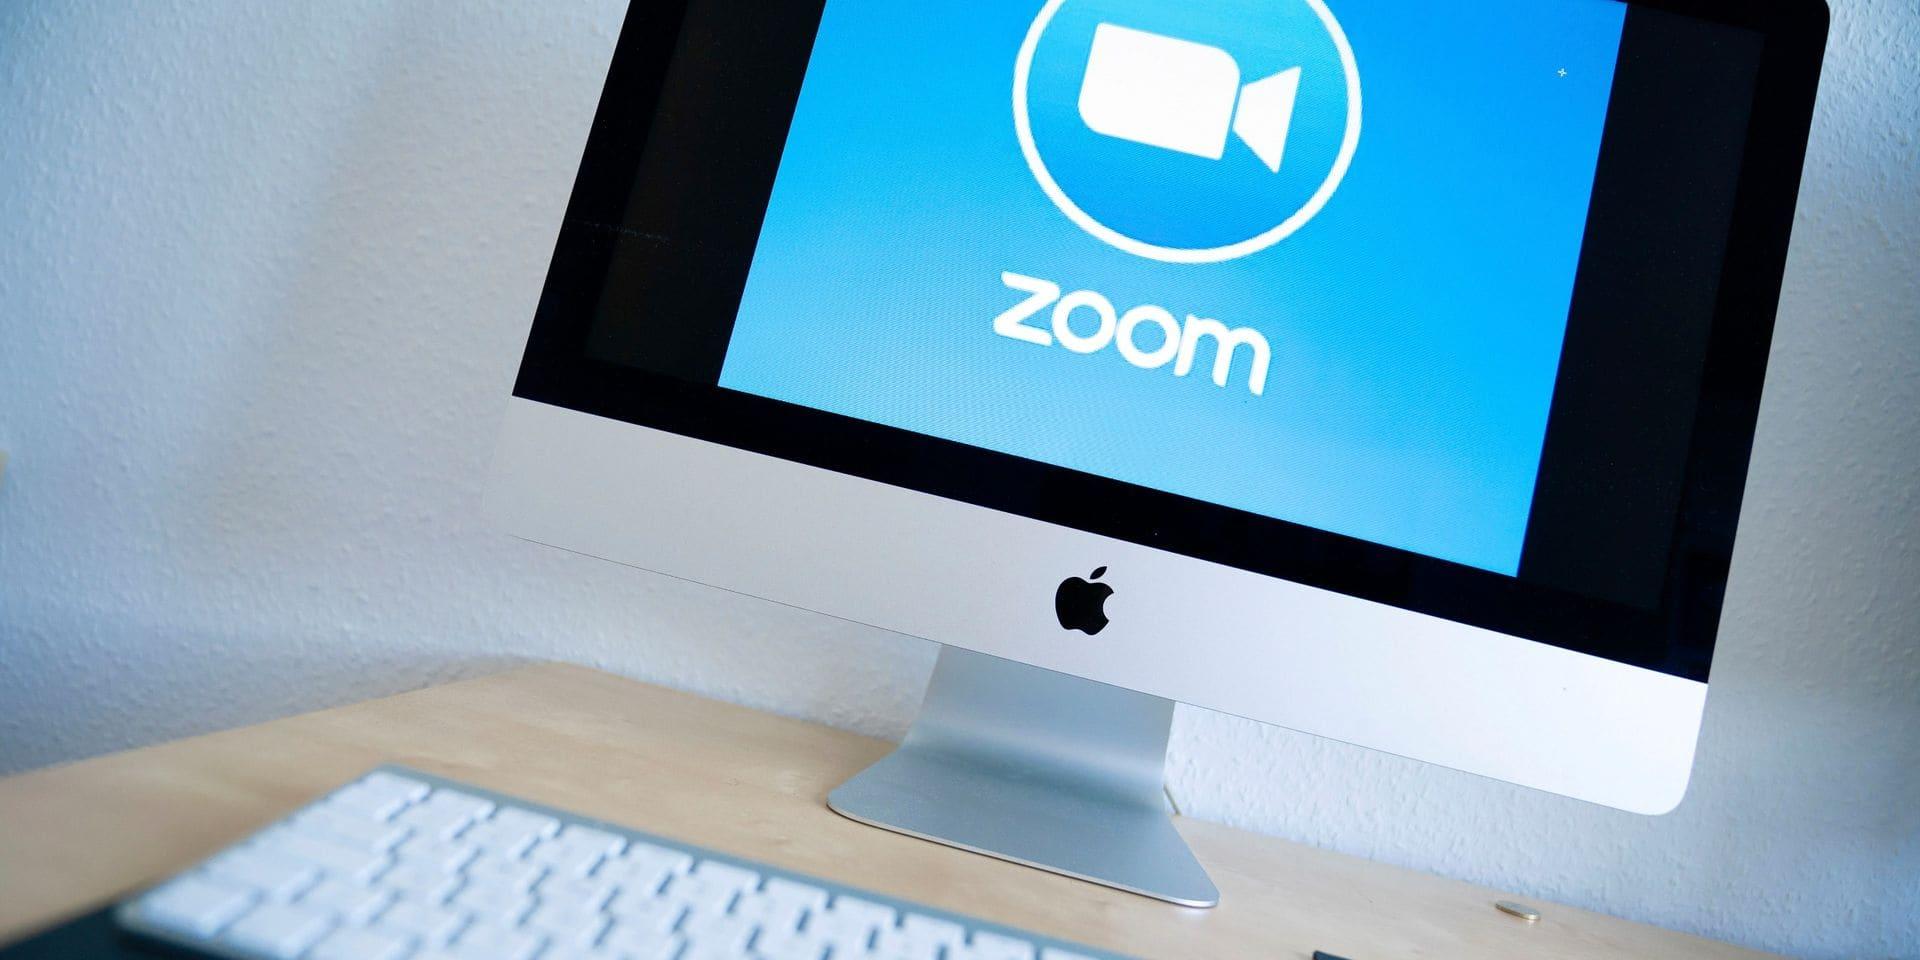 """Un fils tue son père en pleine réunion sur Zoom: """"Ils l'ont juste vu disparaître de l'écran puis ont entendu respirer difficilement"""""""